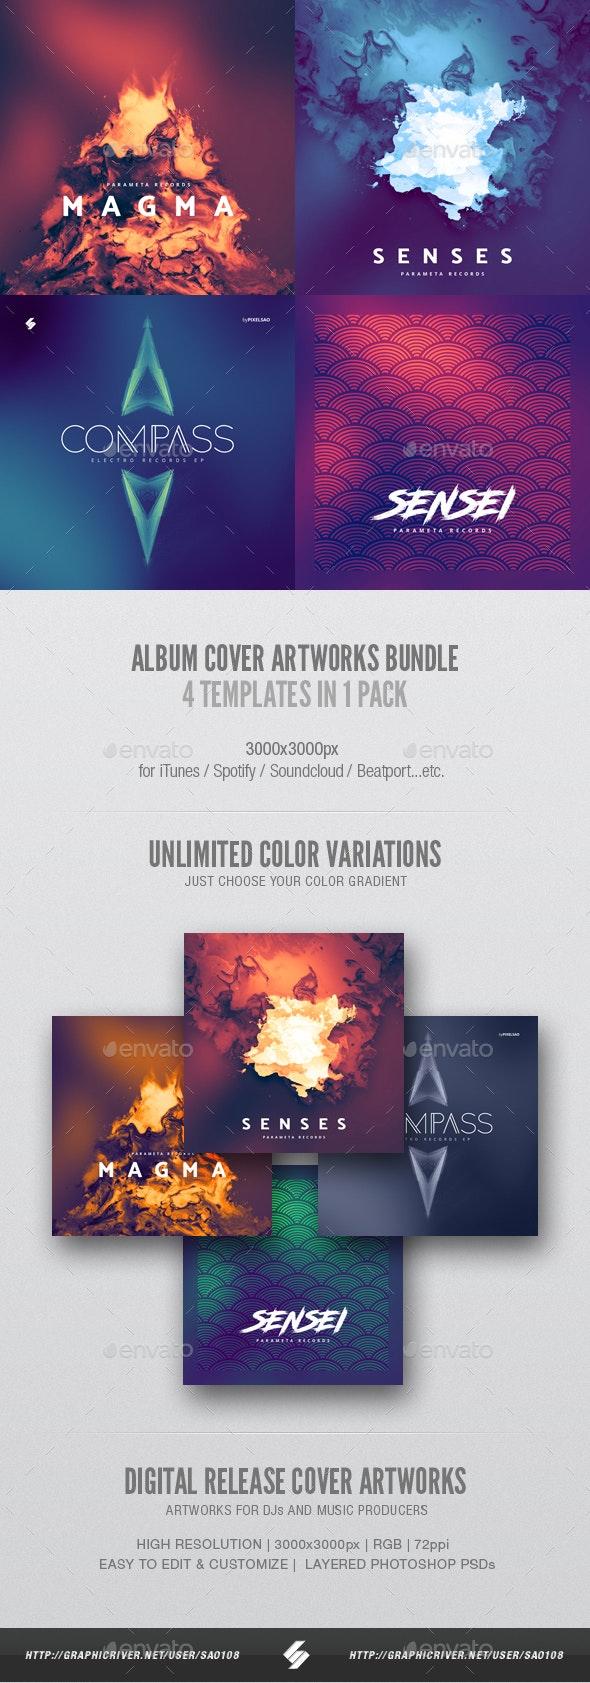 Abstract Album Cover Artwork Templates Bundle 2 - Miscellaneous Social Media